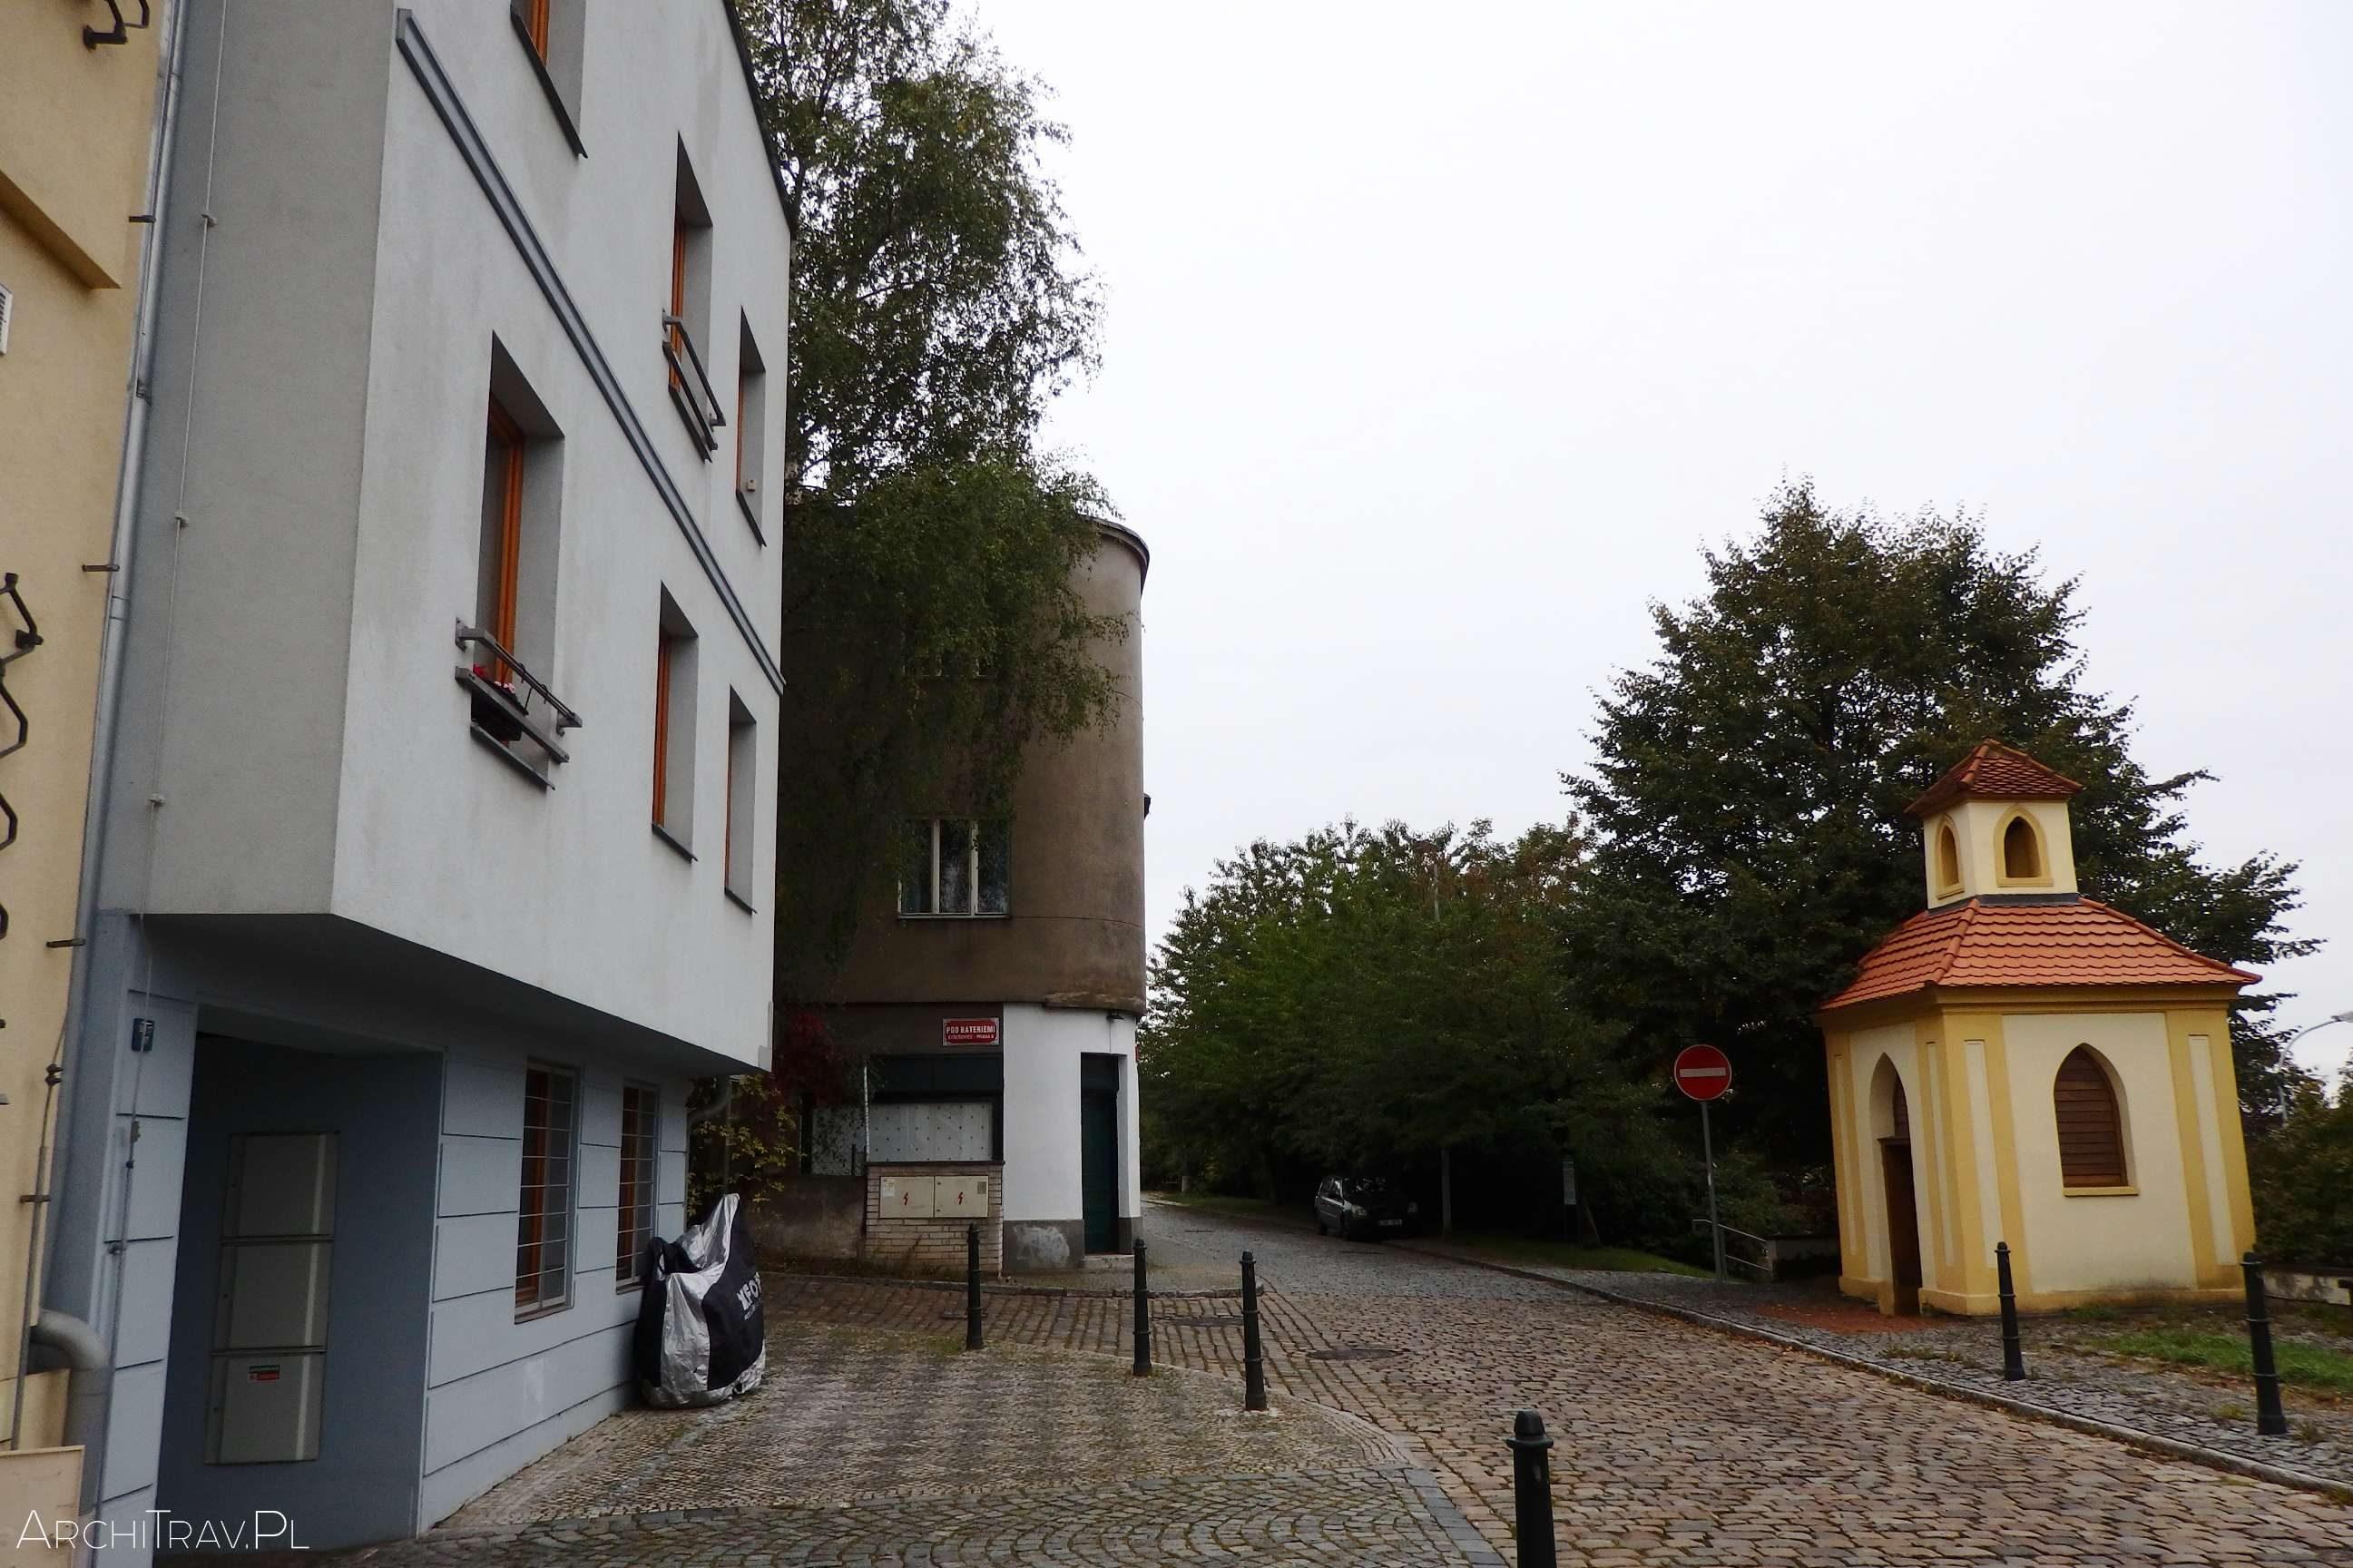 uliczka, po prawej stronie zvonicka